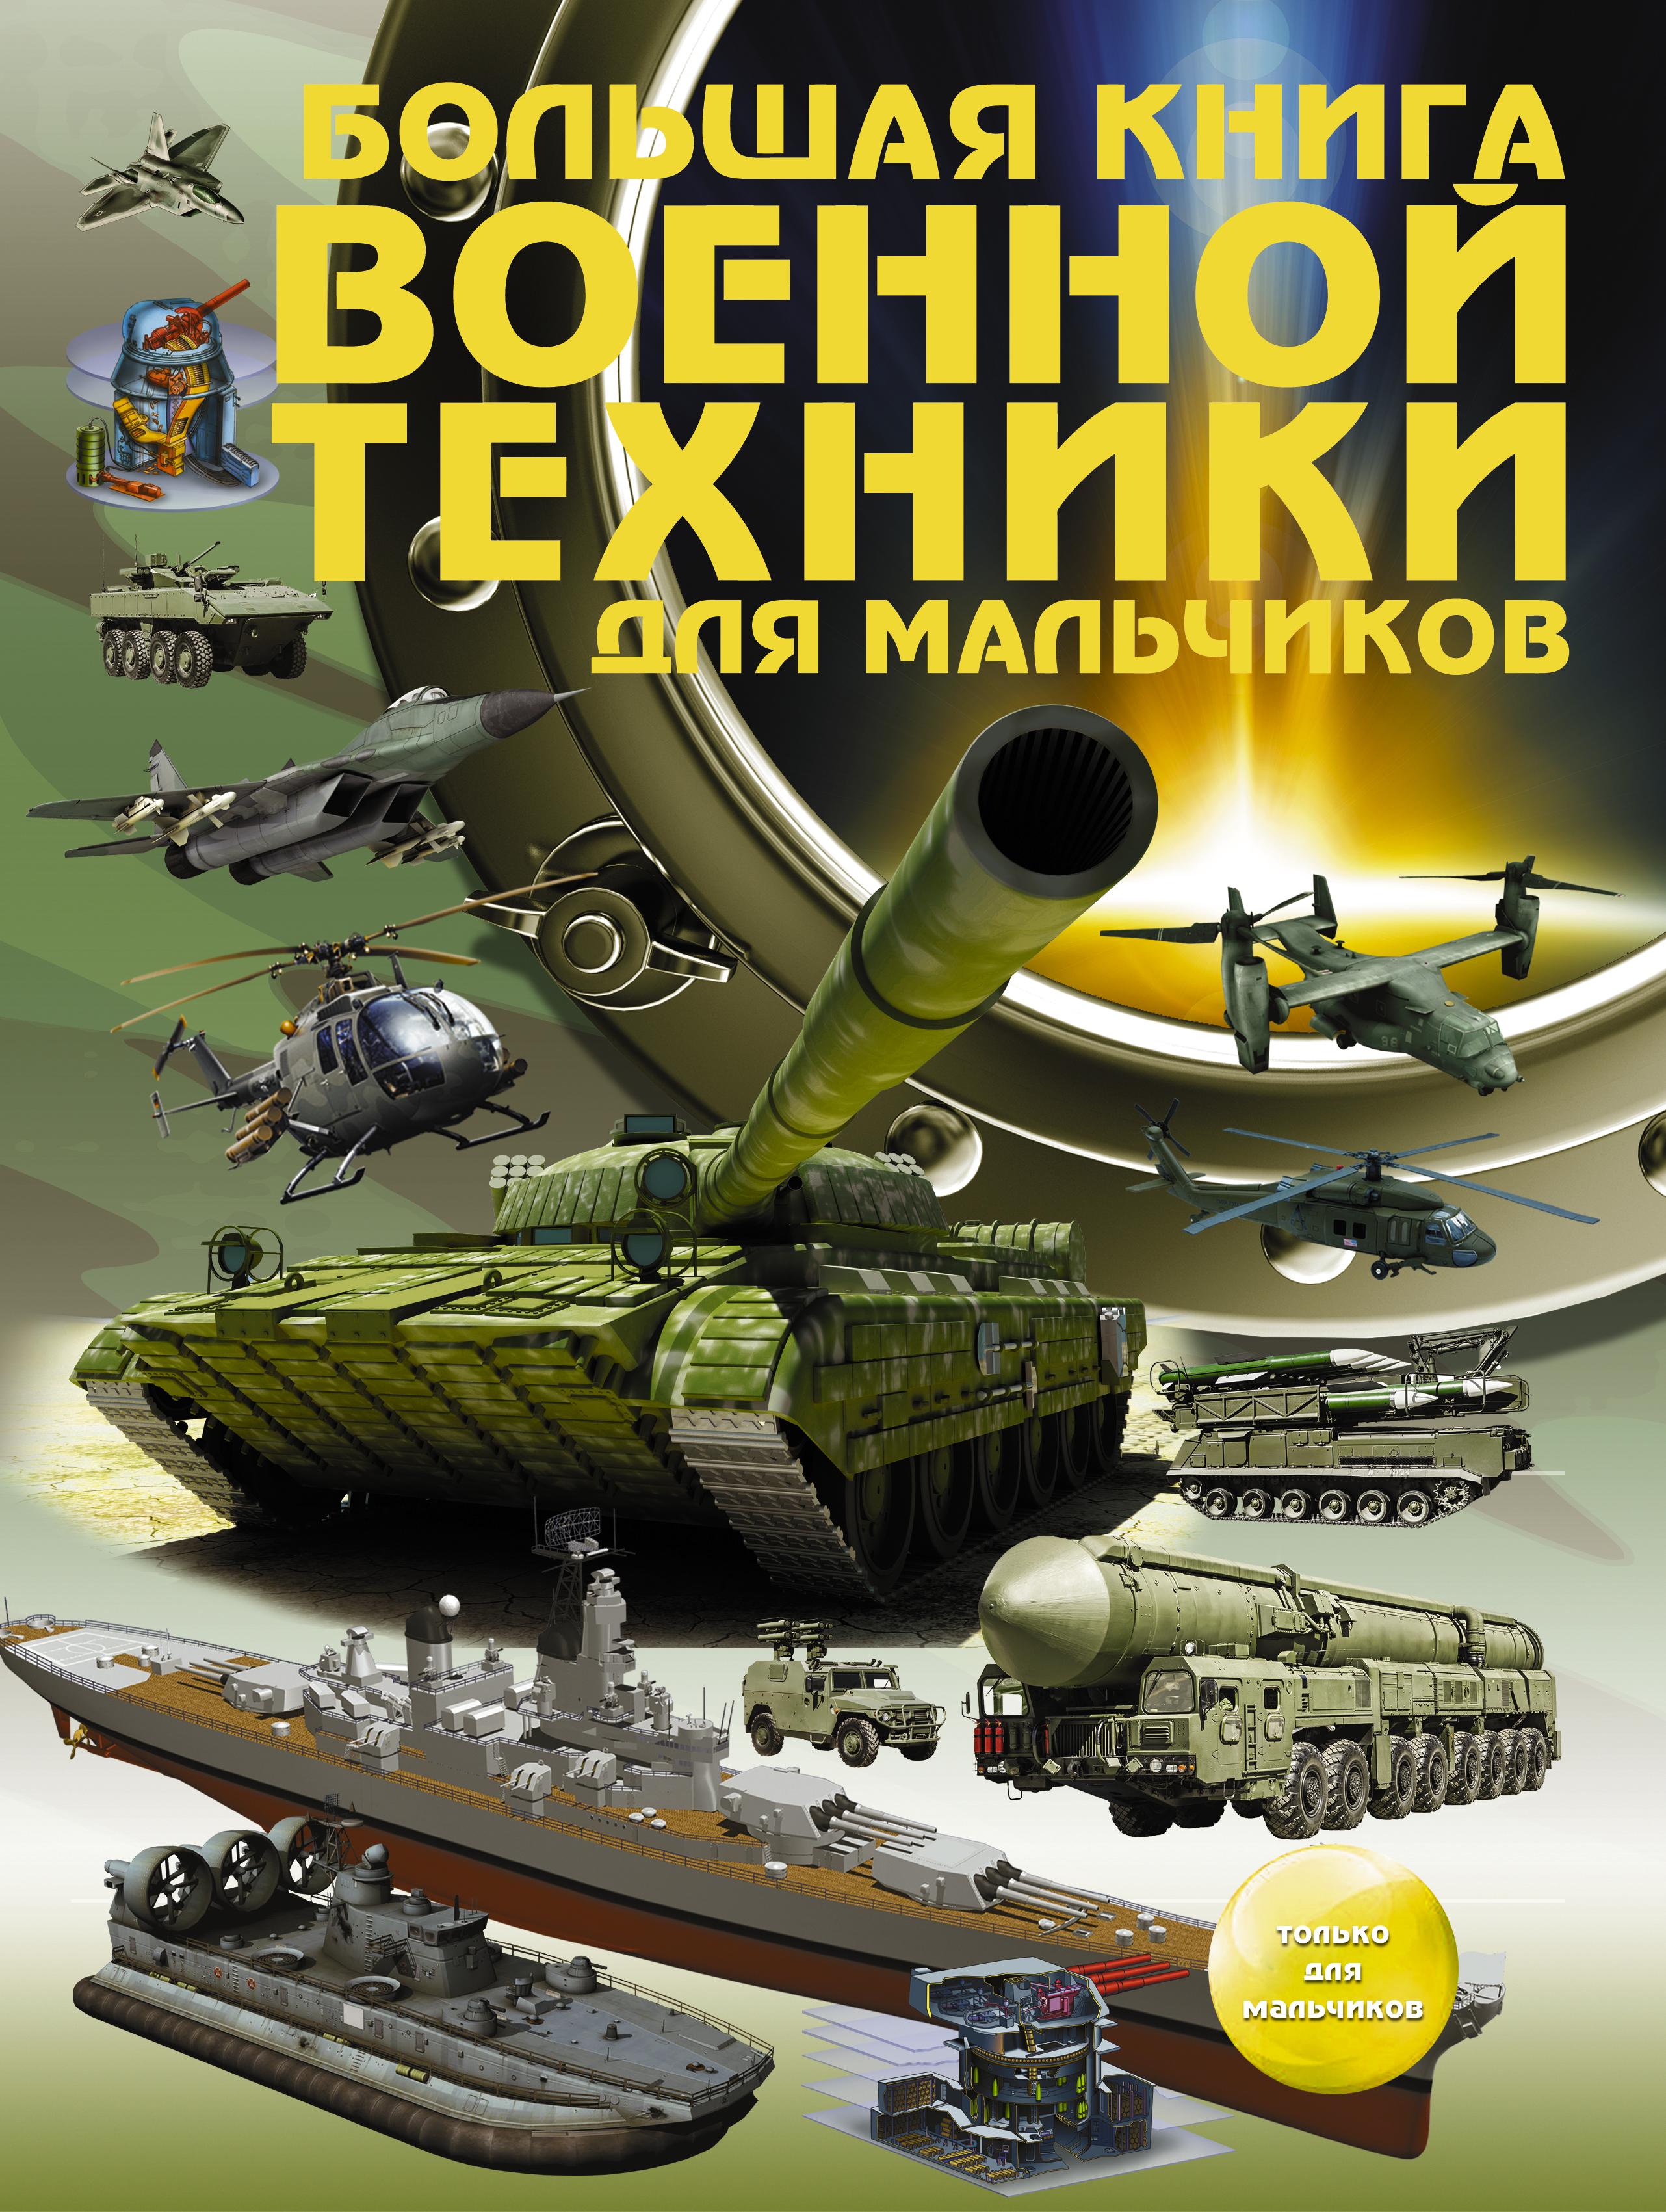 Книги военной техники скачать бесплатно